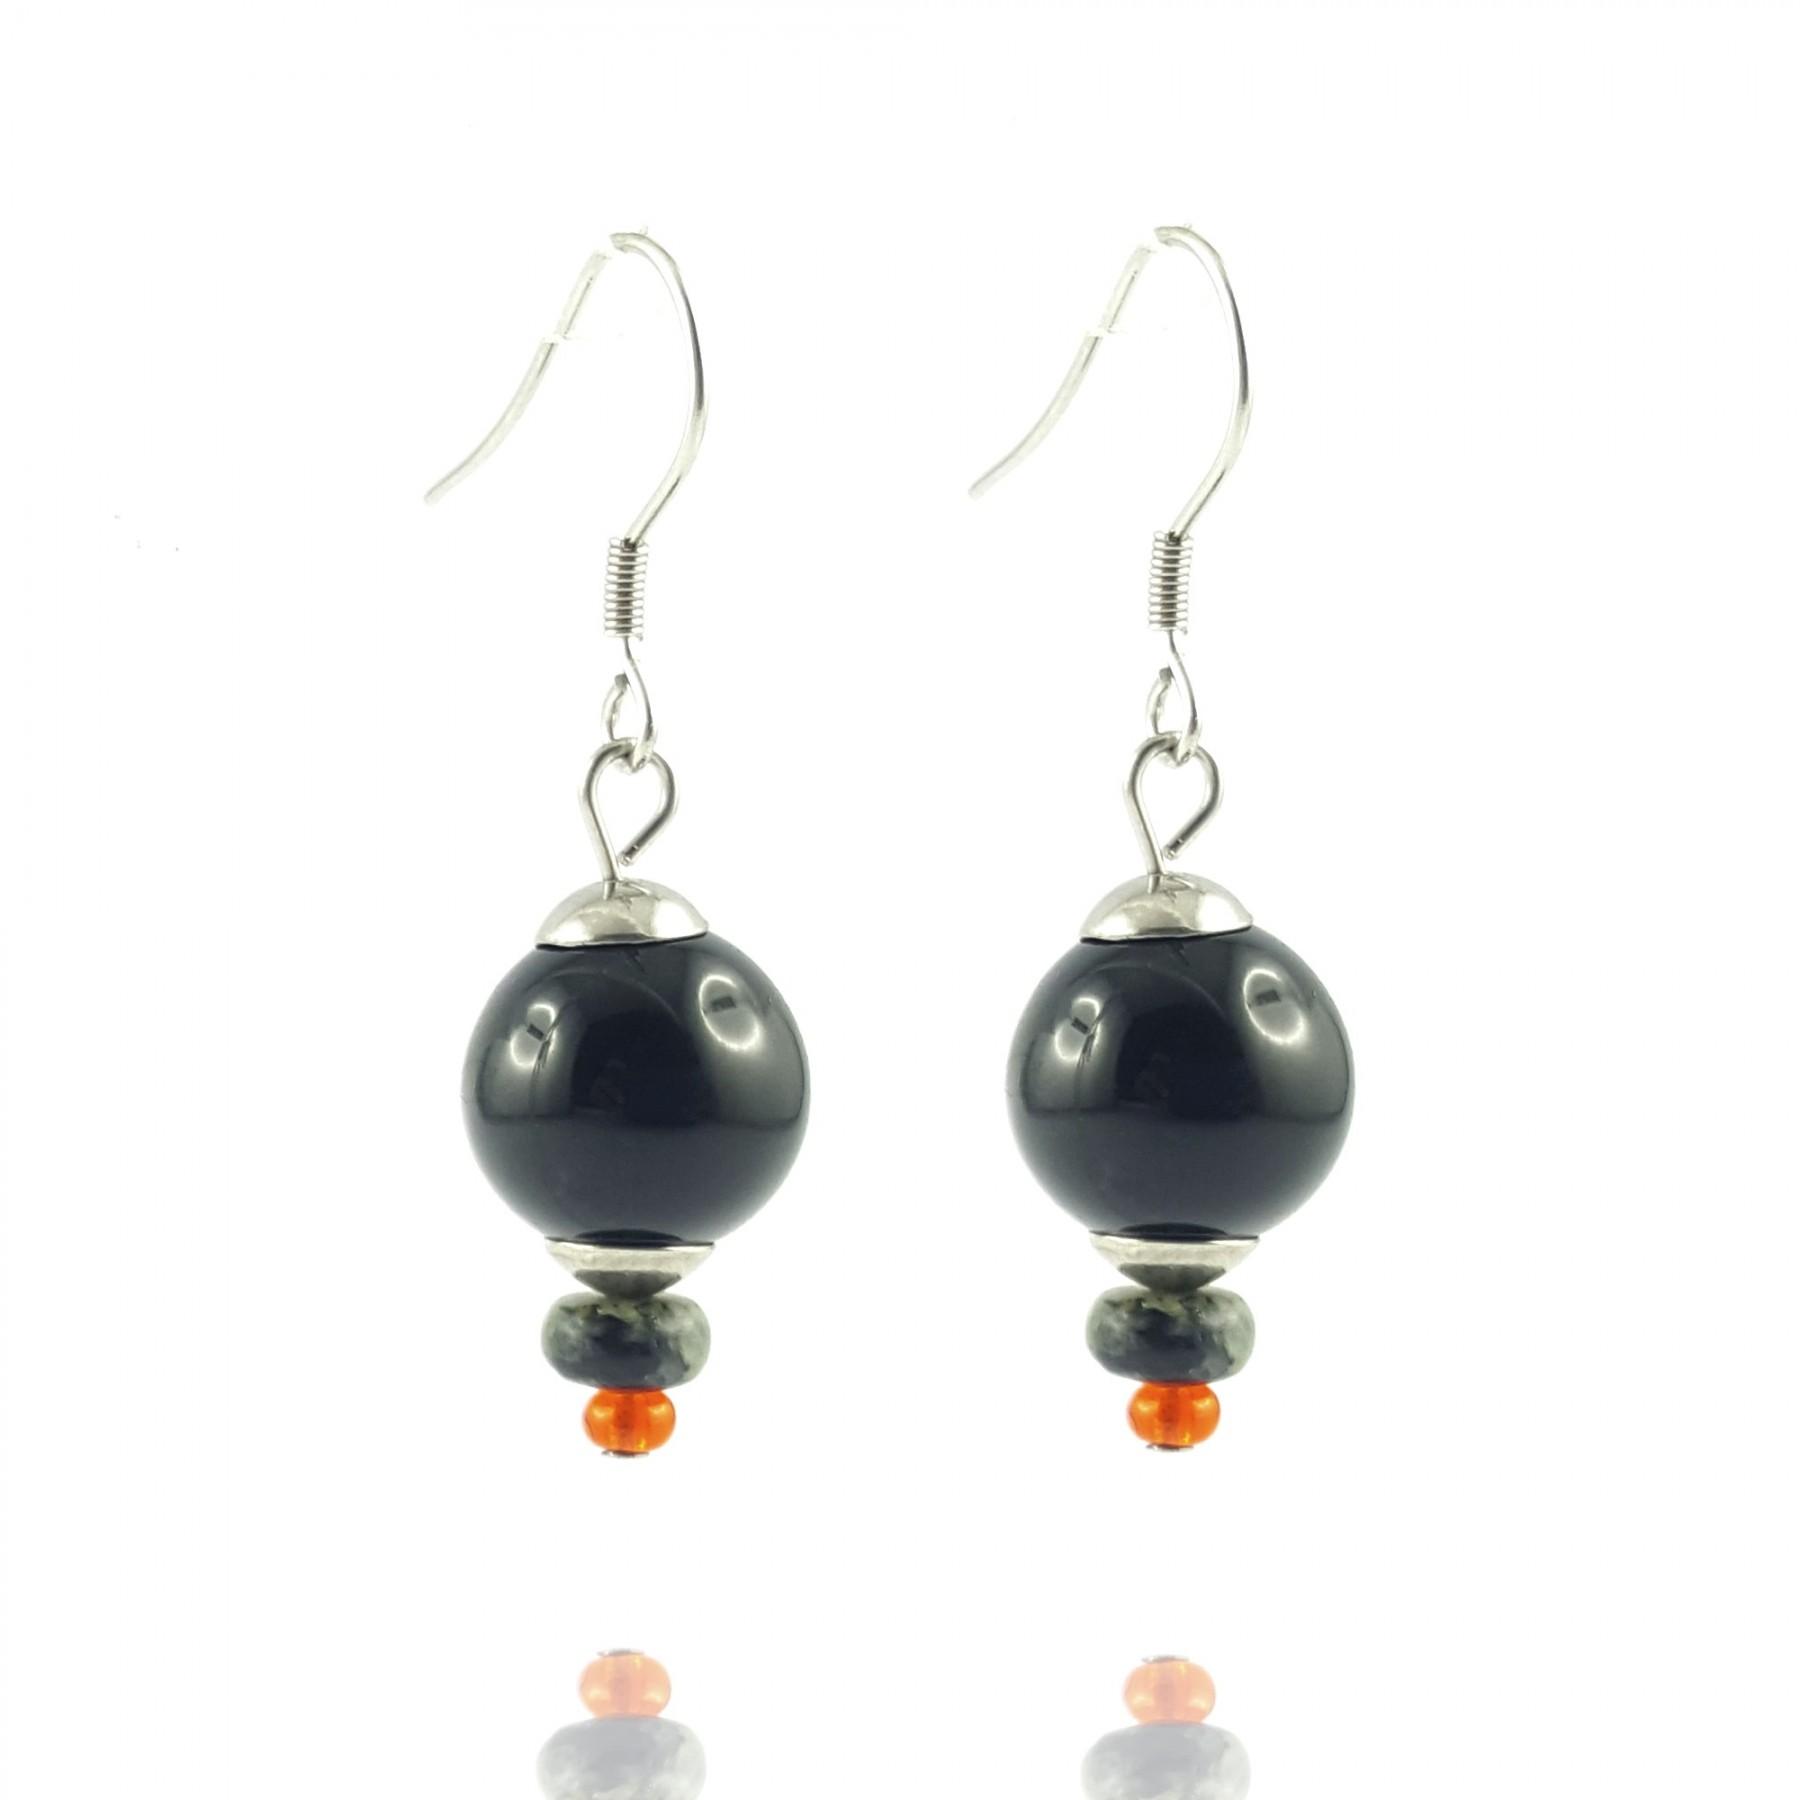 Boucles d'oreilles agate noire et perles